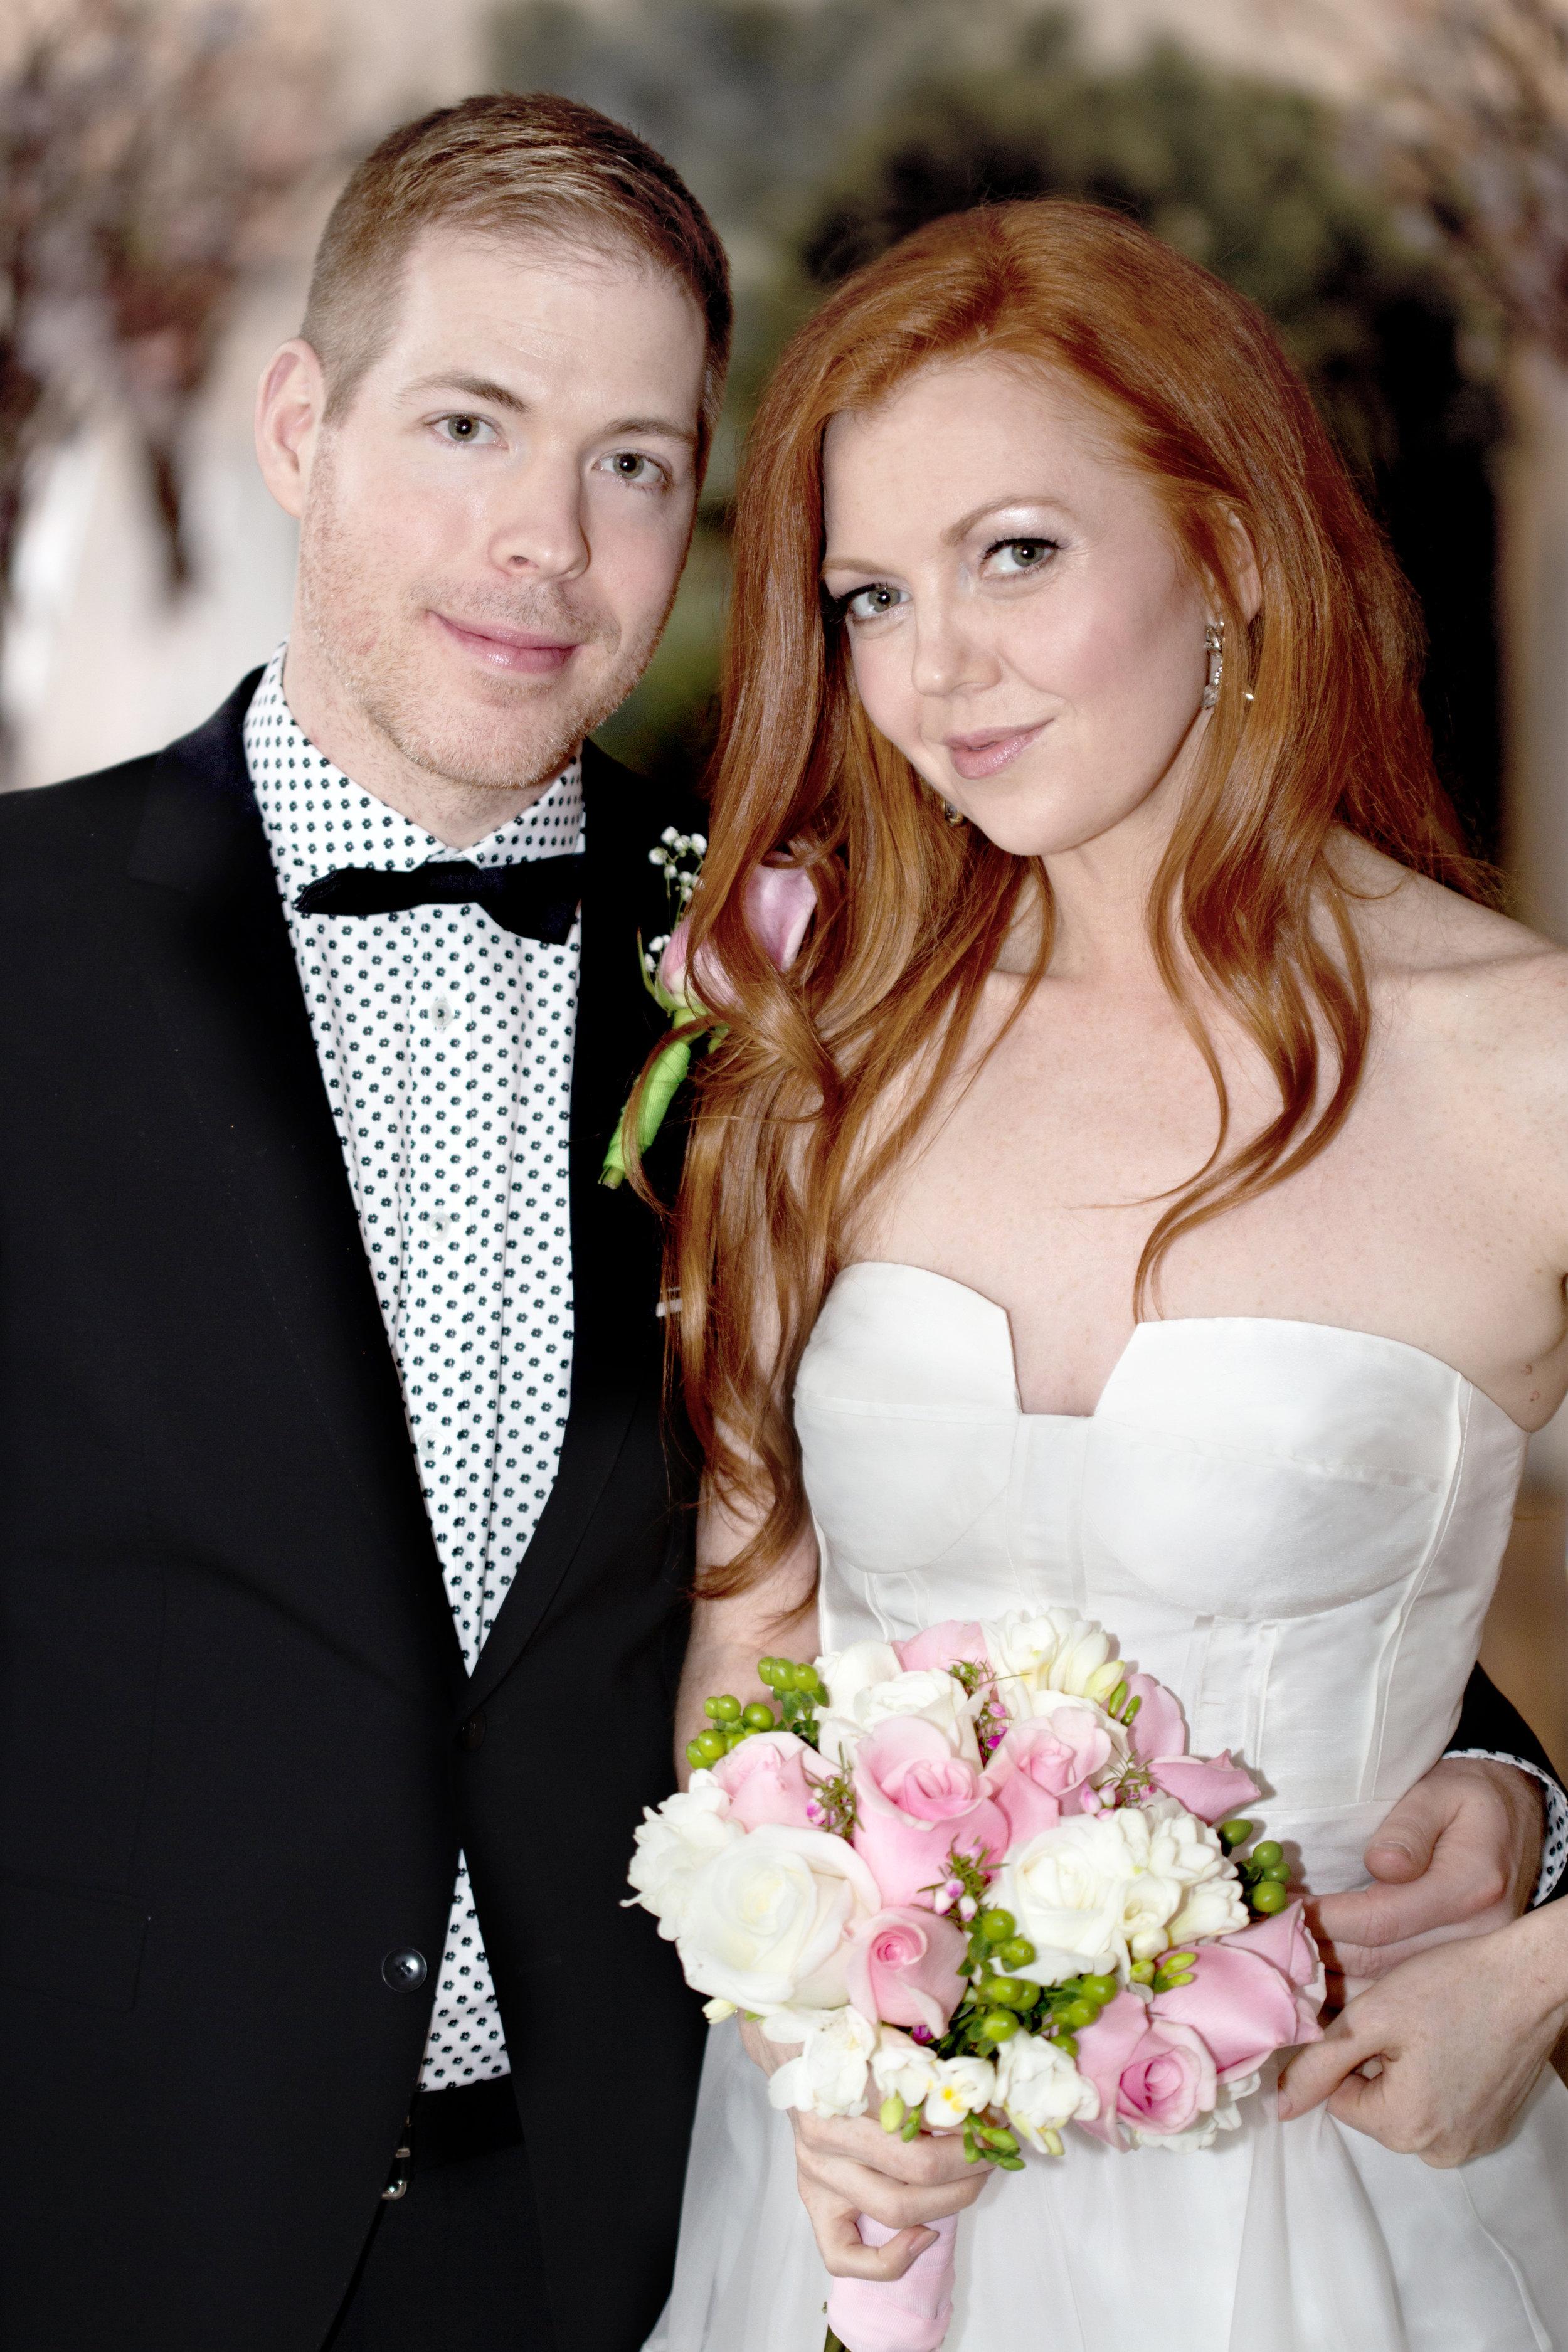 weddings-toronto-grooms-2.jpg